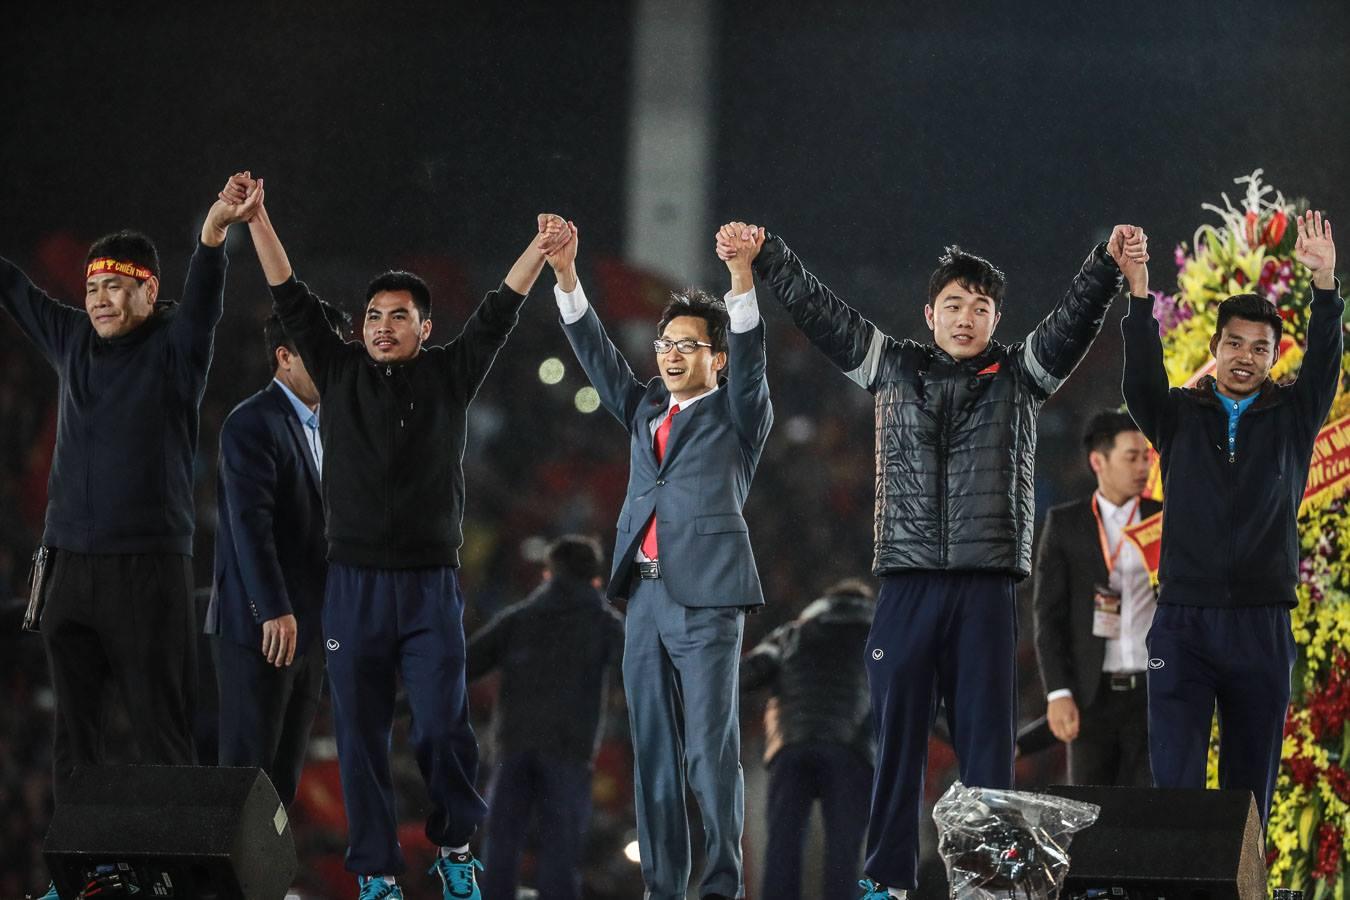 Phó thủ tướng Vũ Đức Đam và các cầu thủ U-23 VN trên sân Mỹ Đình đêm 28-1. Ảnh: N.KHÁNH